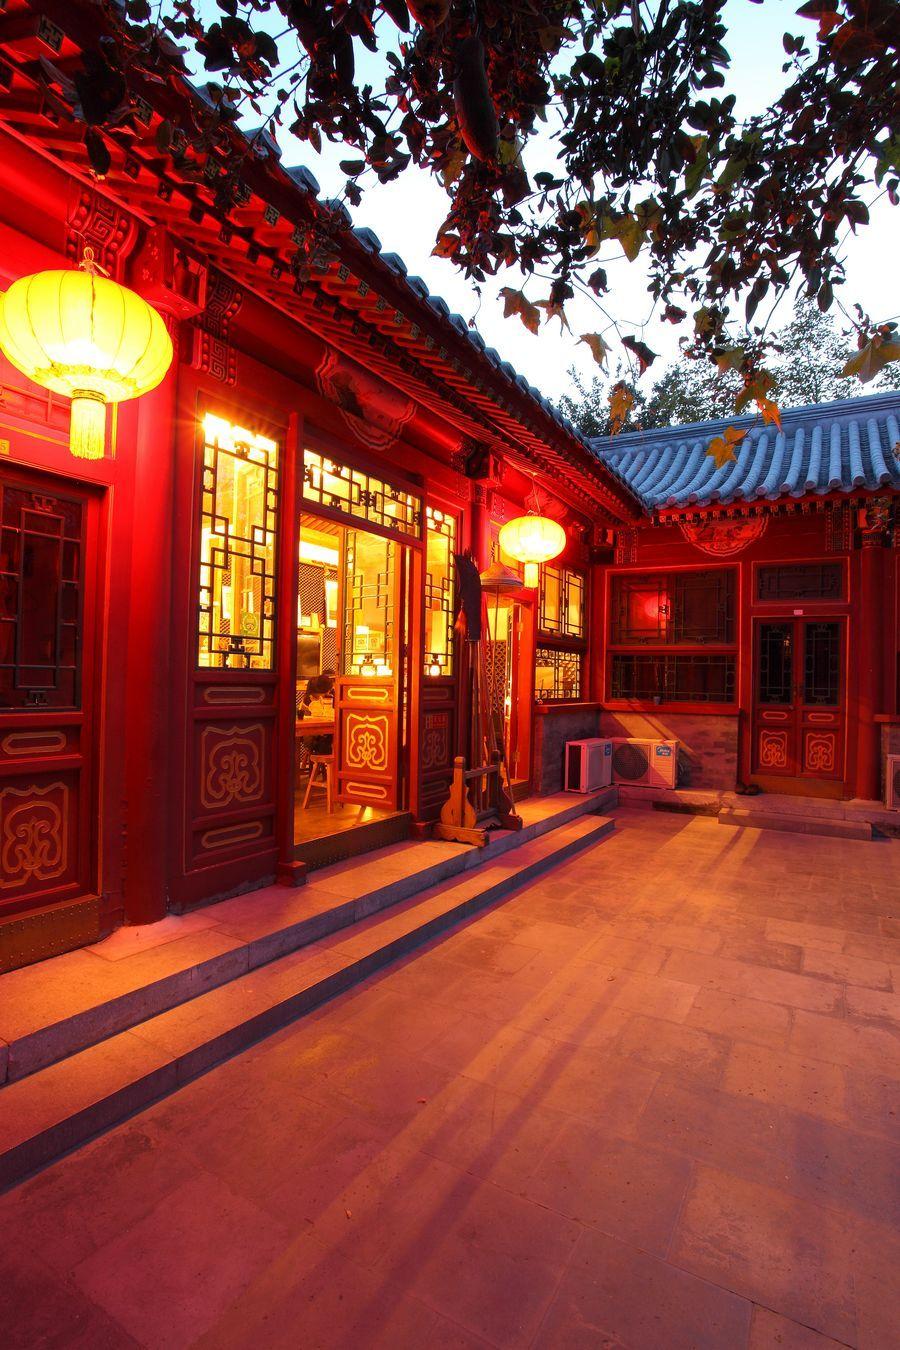 觀察中國傳統建築空間。除了可以看出古時人的美學觀以外。更可以看出其生活態度和民族性。胡同中的 ...